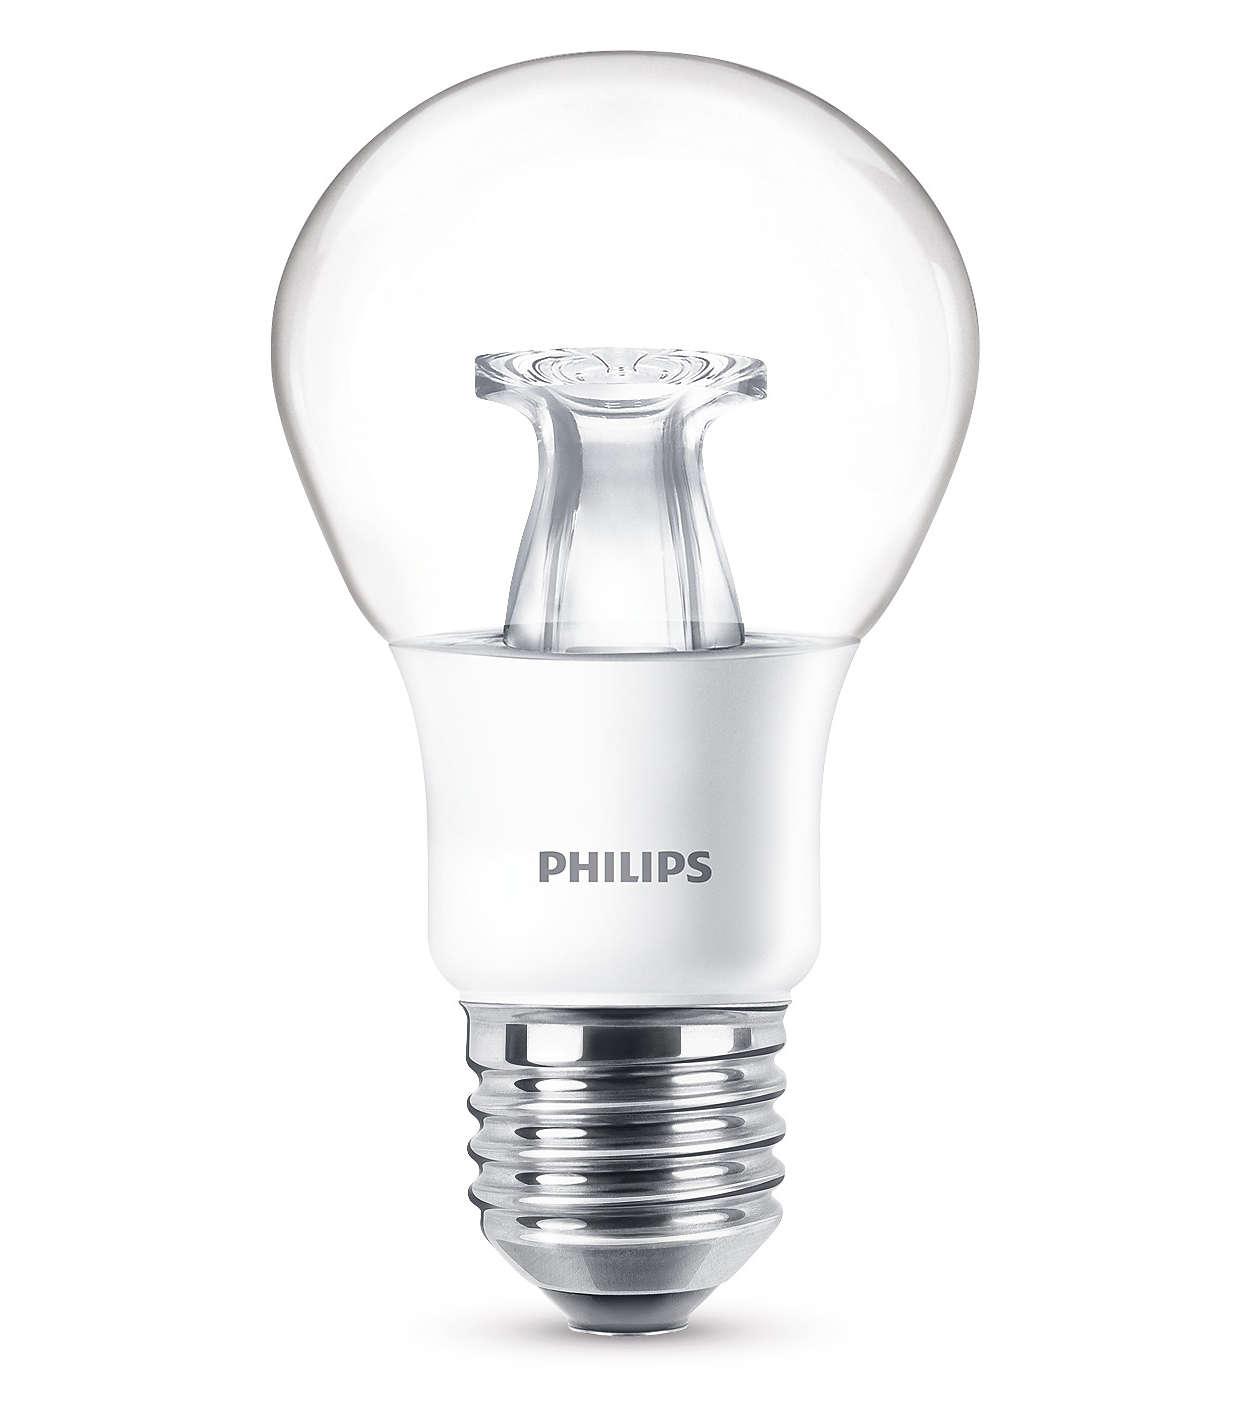 De juiste verlichting maakt ieder moment perfect